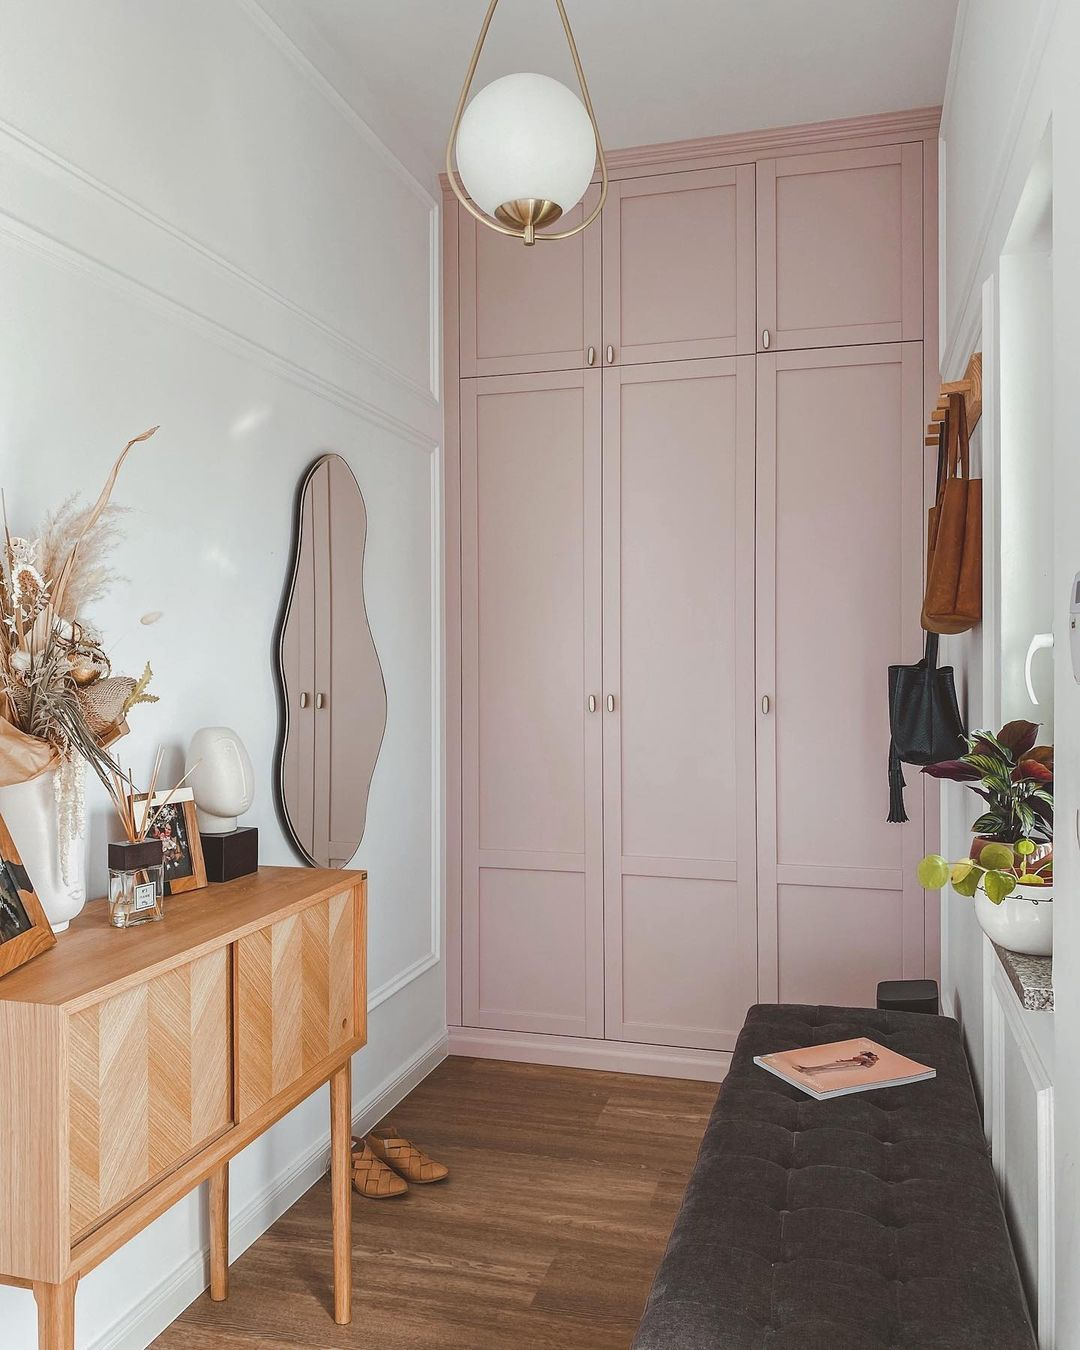 """Ania Dominik 📷 on Instagram: """"My Hall with a Pink Wardrobe 💕 . . #hall #hallway #hallwaydecor #przedpokój #wnętrza #wardrobe #whitehome #scandinavianhome…"""""""